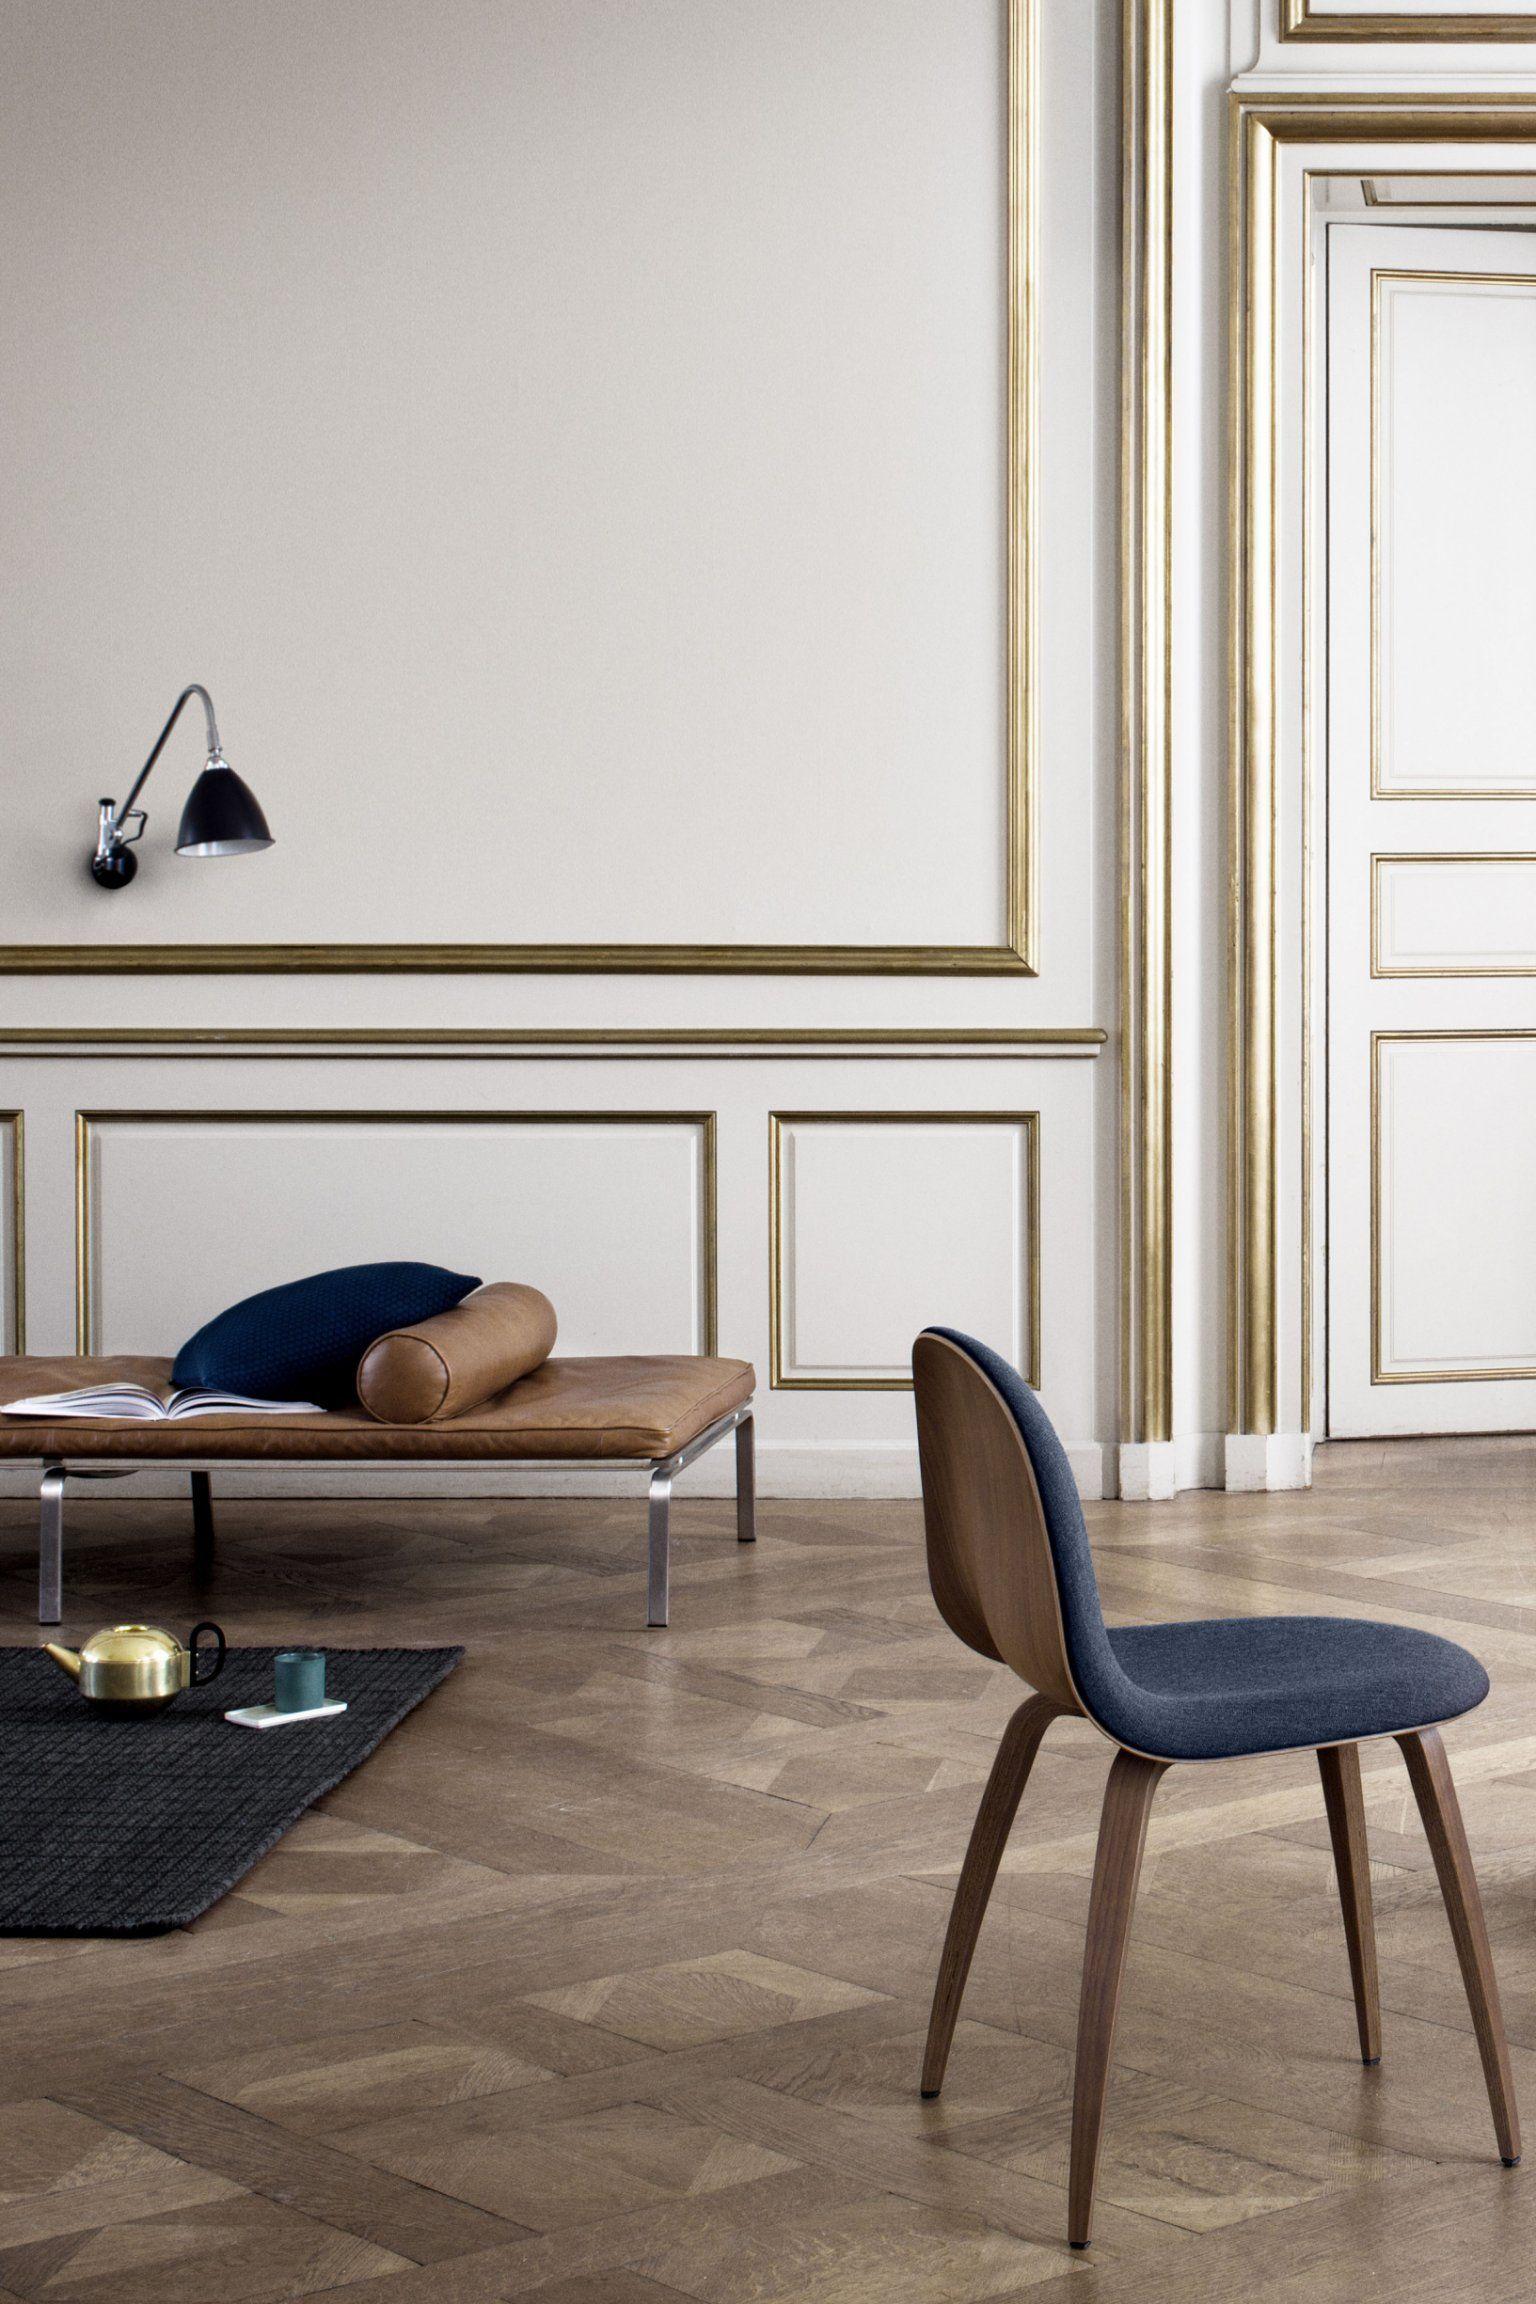 Decouvrez La Liste De Nos Marques Scandinaves Preferees Decoration Maison Deco Style Scandinave Decoration Interieure